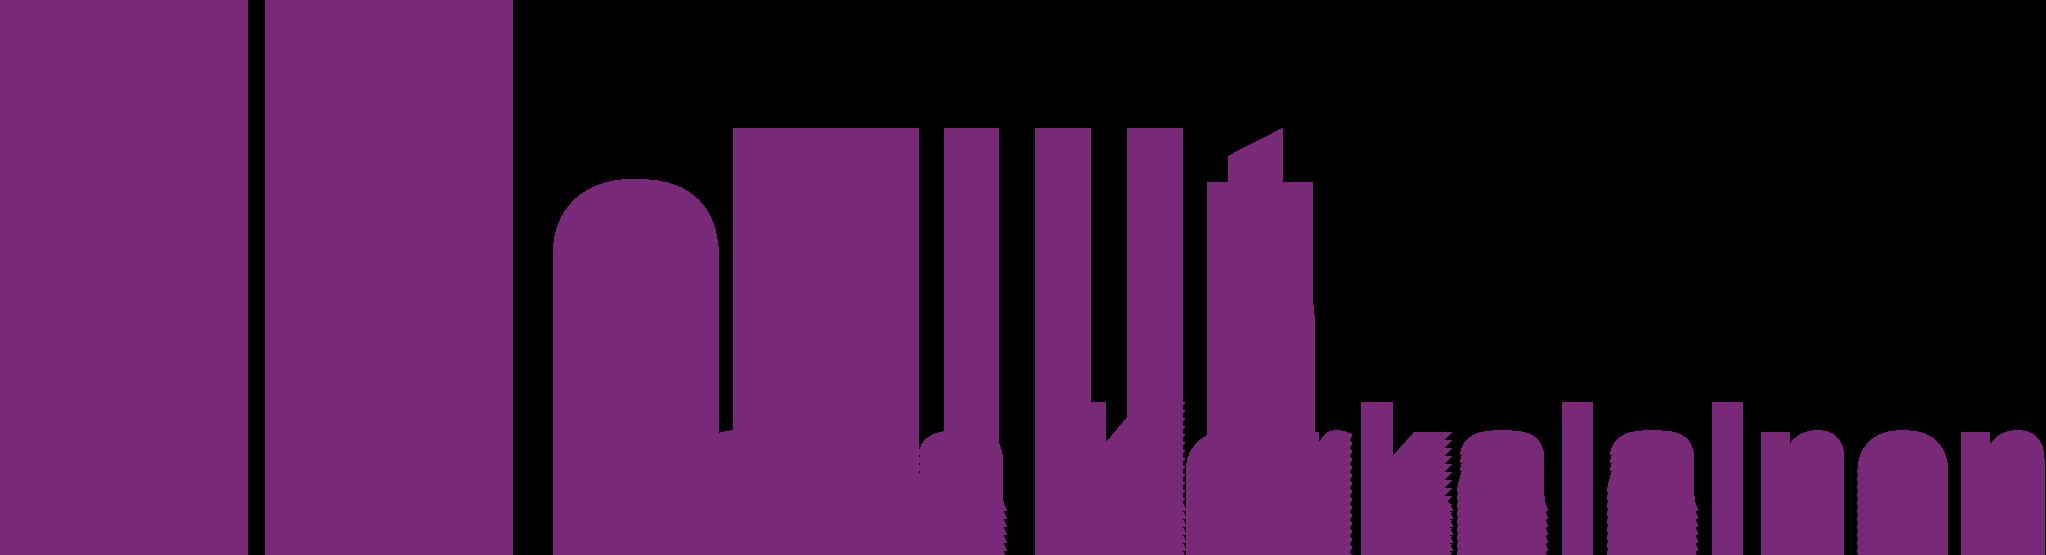 eTilit Merja Korkalainen